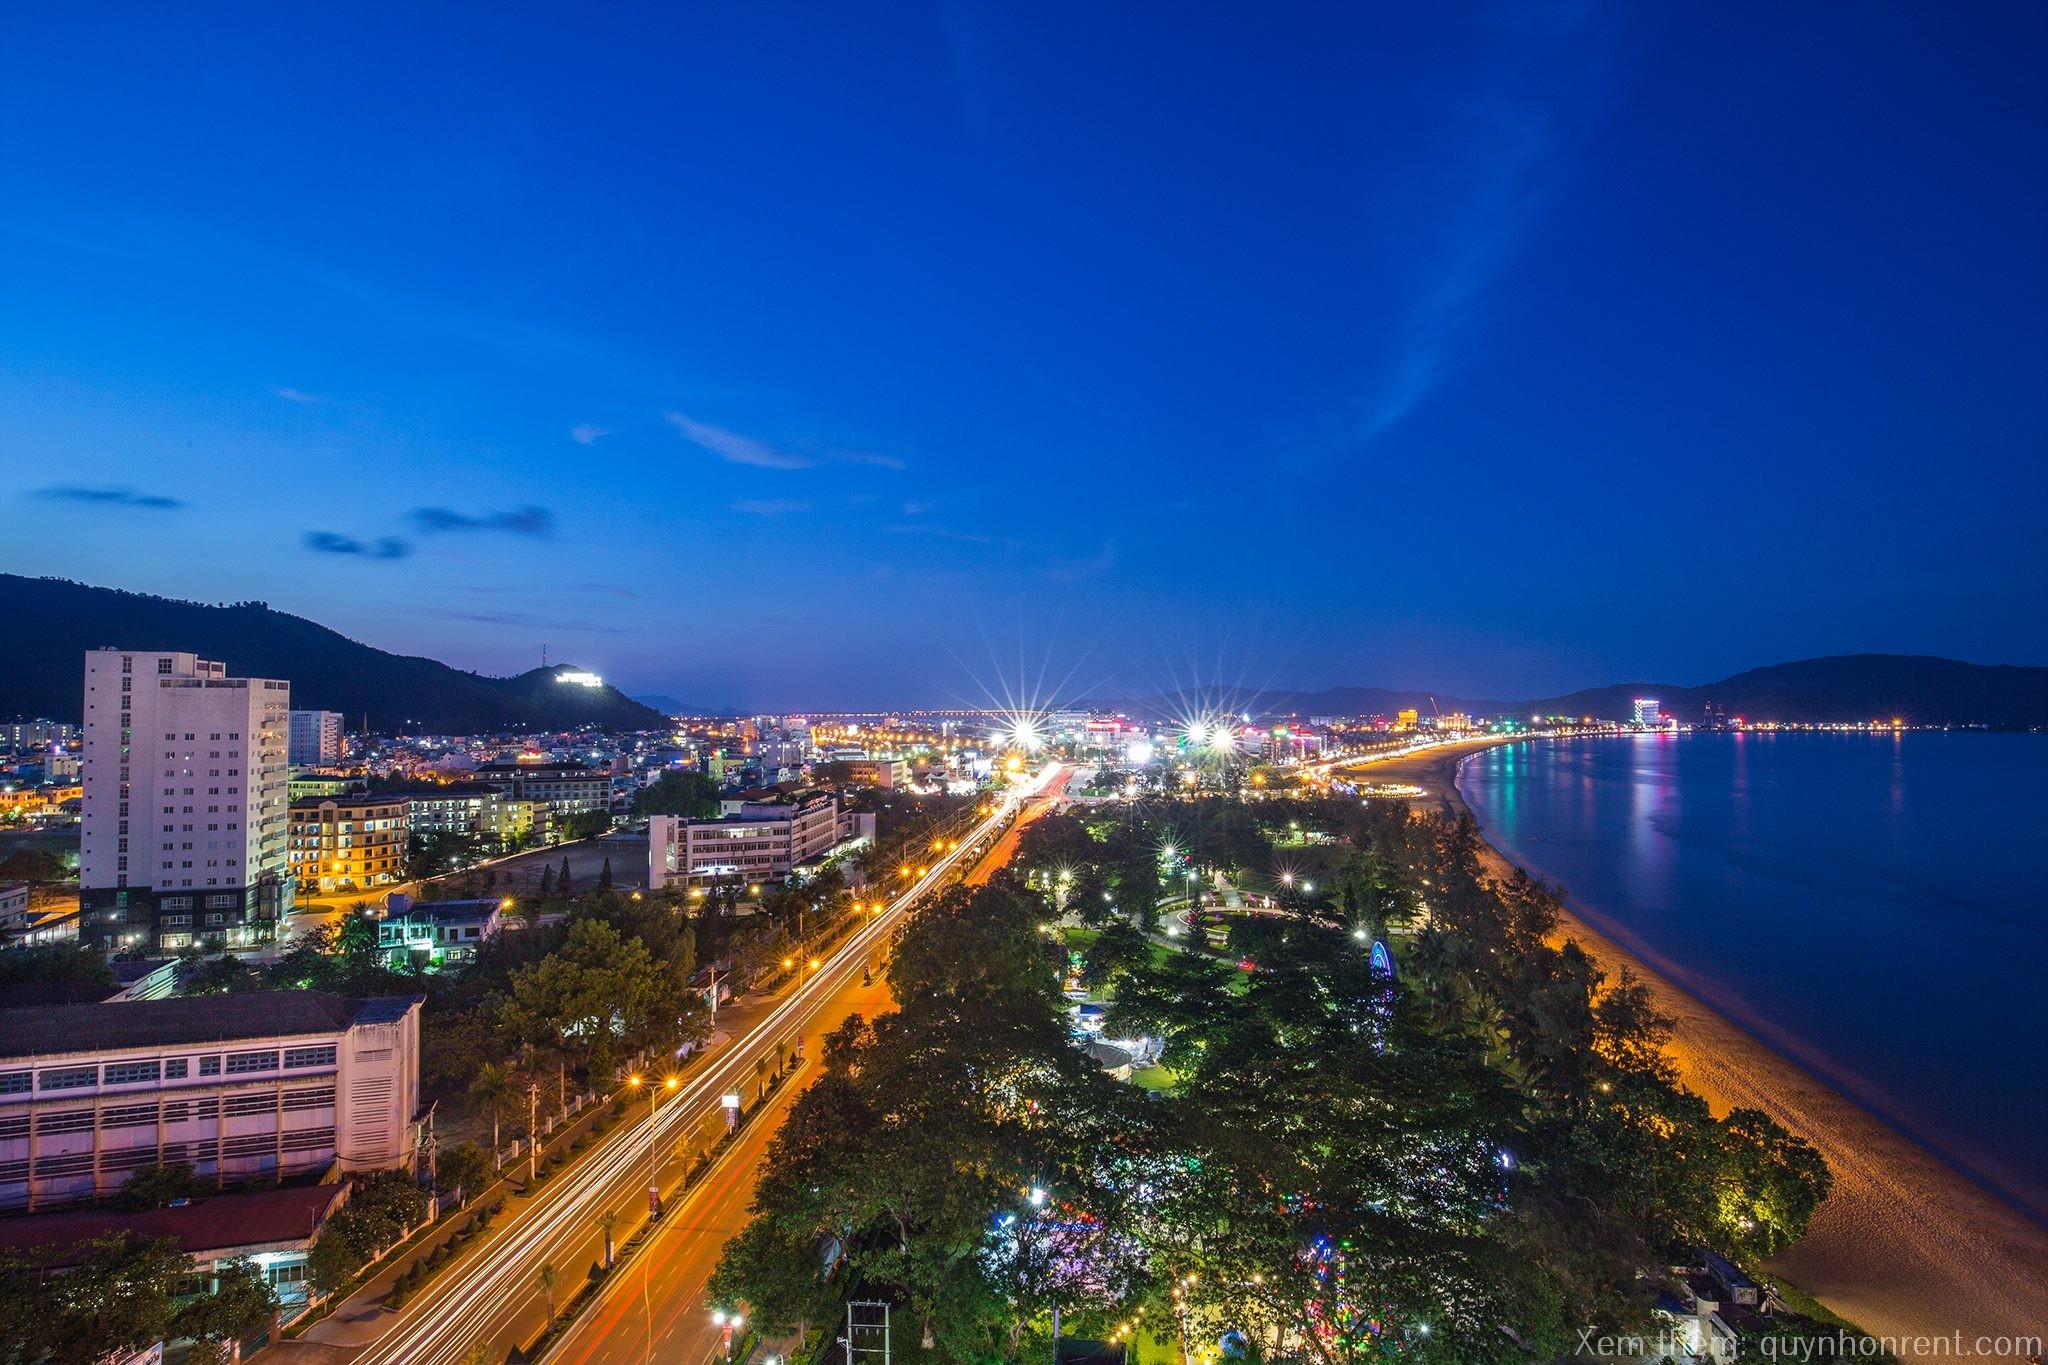 Bình Định: Đầu tư xây dựng dự án Khu dân cư hơn 1.369 tỷ tại mặt tiền Quốc lộ 1D